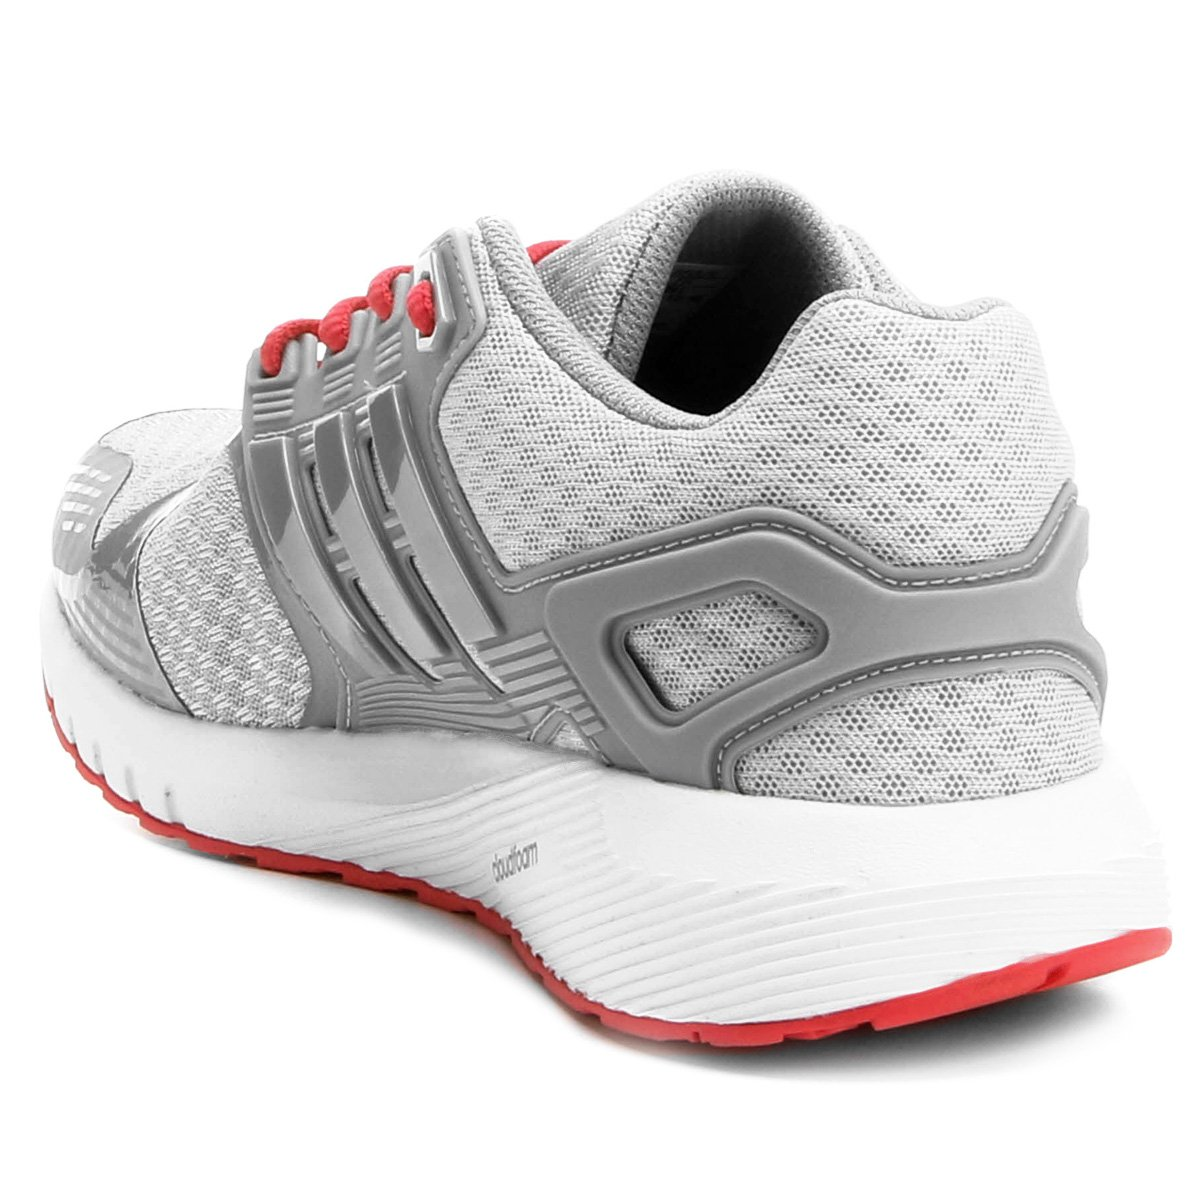 Tênis Adidas Duramo 8 Feminino  0fc561a426cbb